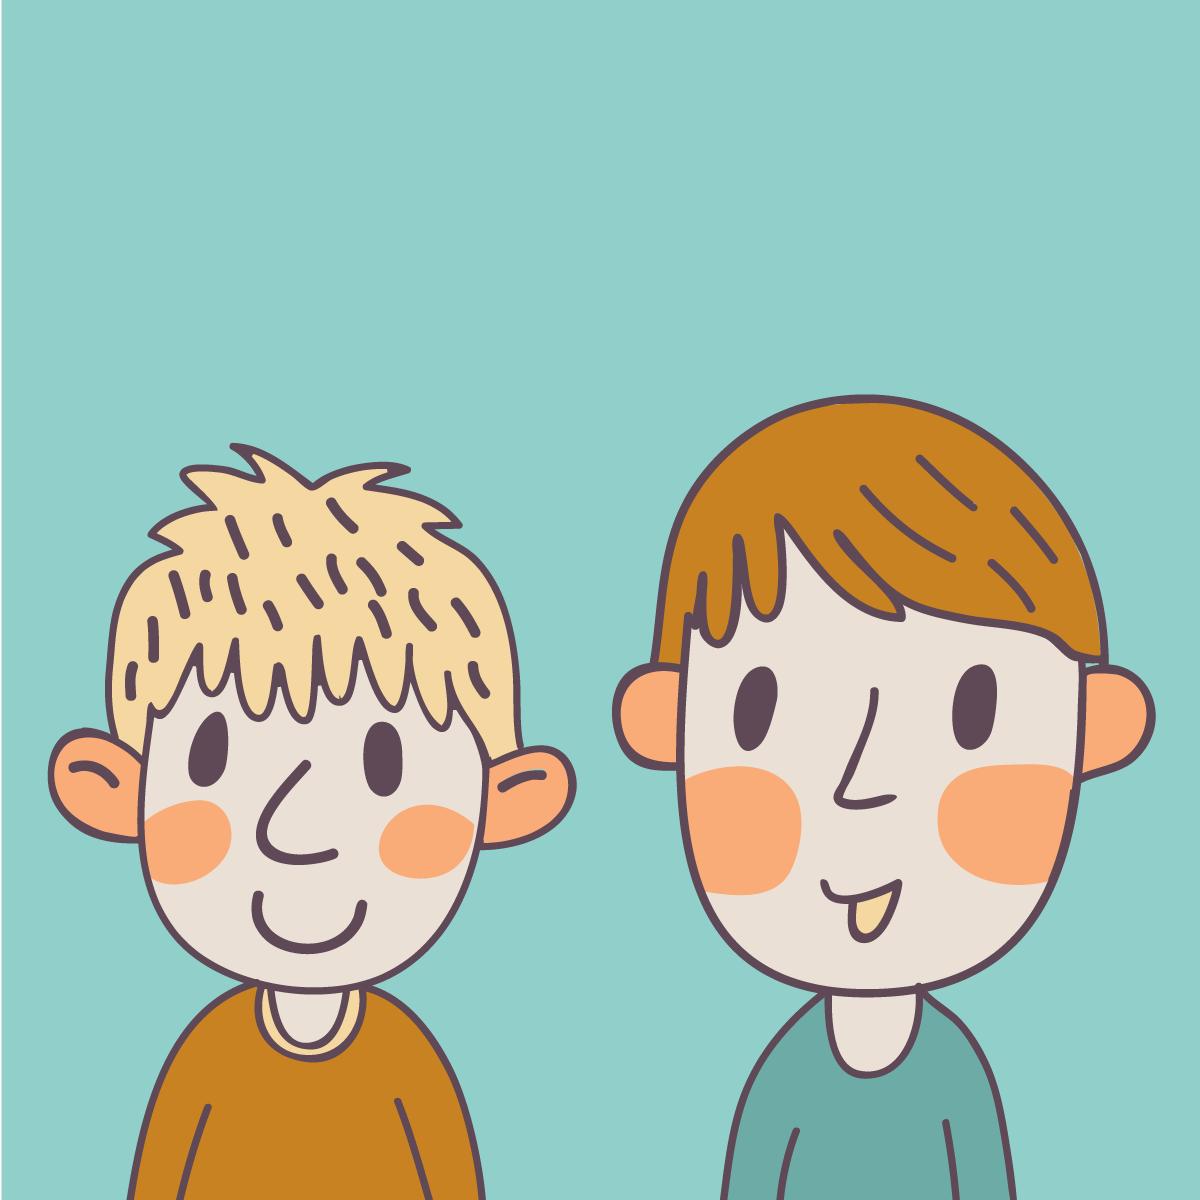 Анекдот про двух мальчишек, обратившихся запомощью кполицейскому